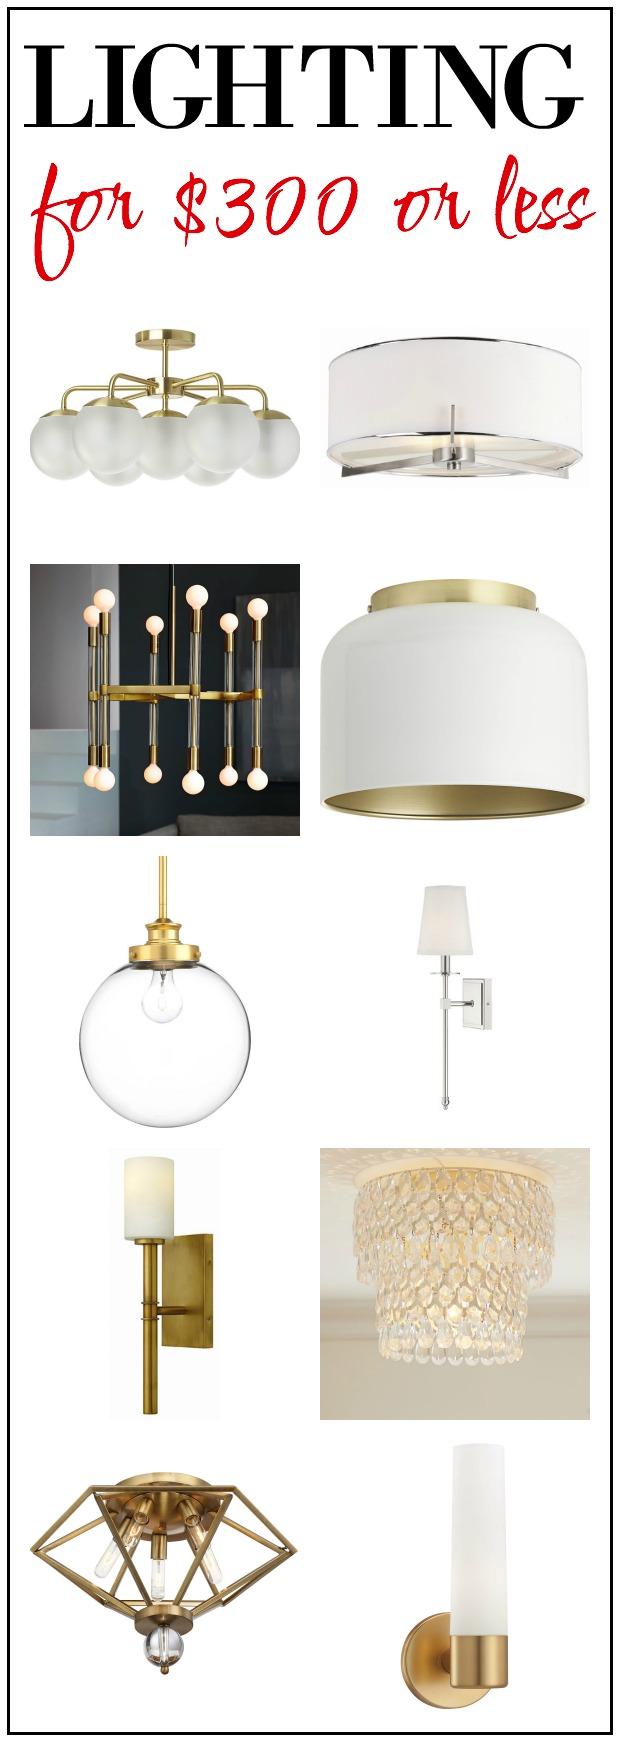 Affordable Lighting Fixtures | Affordable Light Fixtures | Affordable Sconces | Affordable Chandeliers | Affordable Flush Mount Lighting